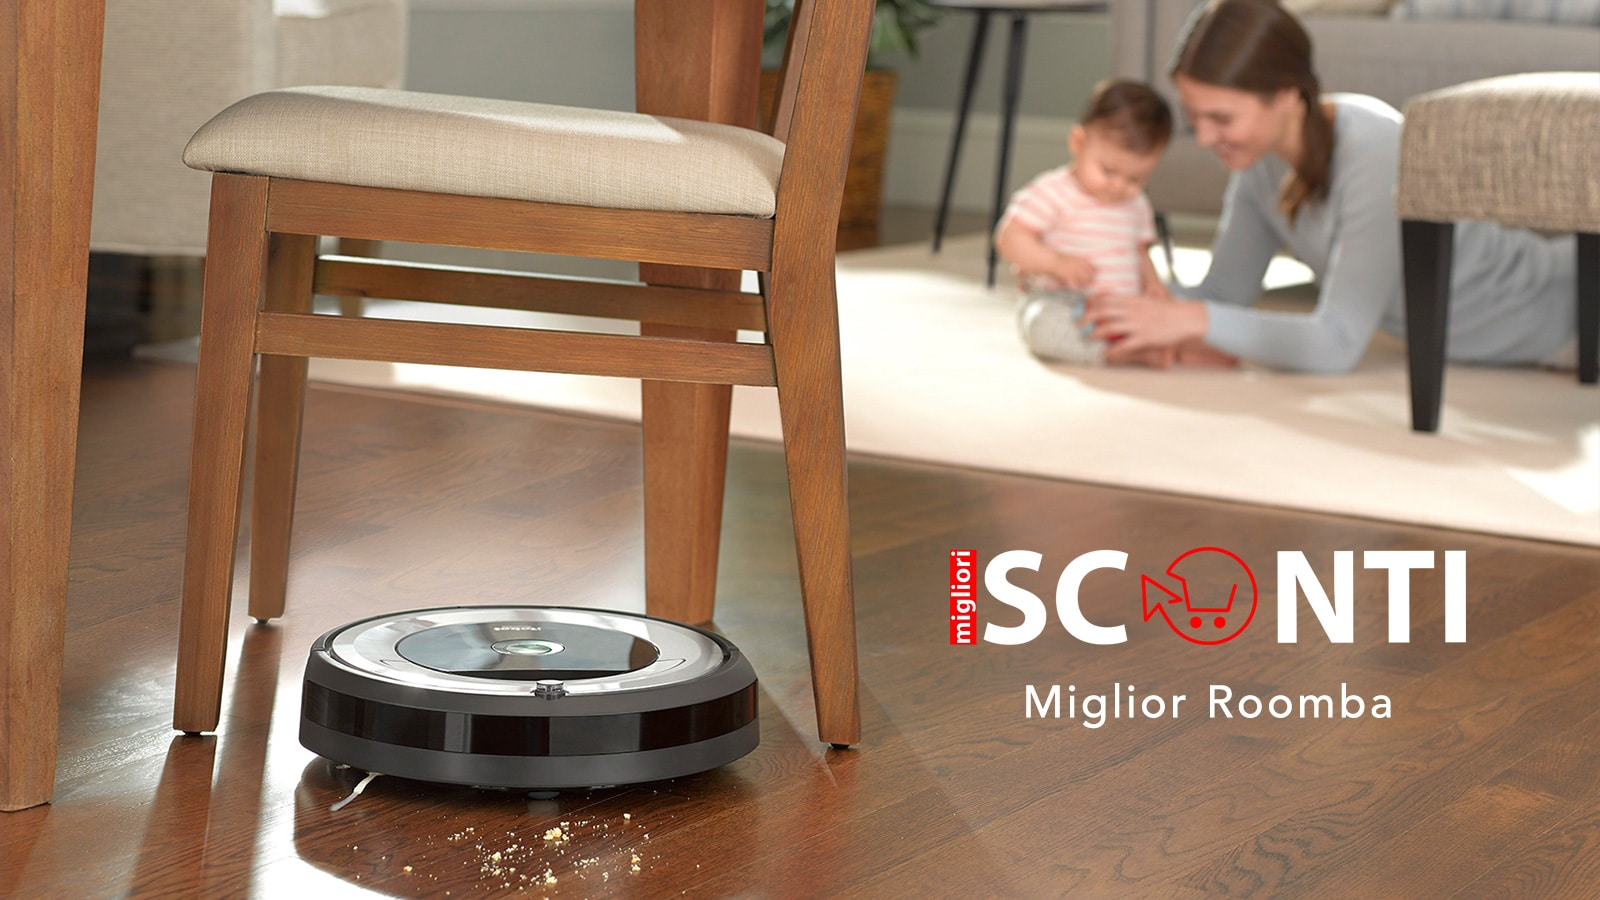 Miglior Roomba